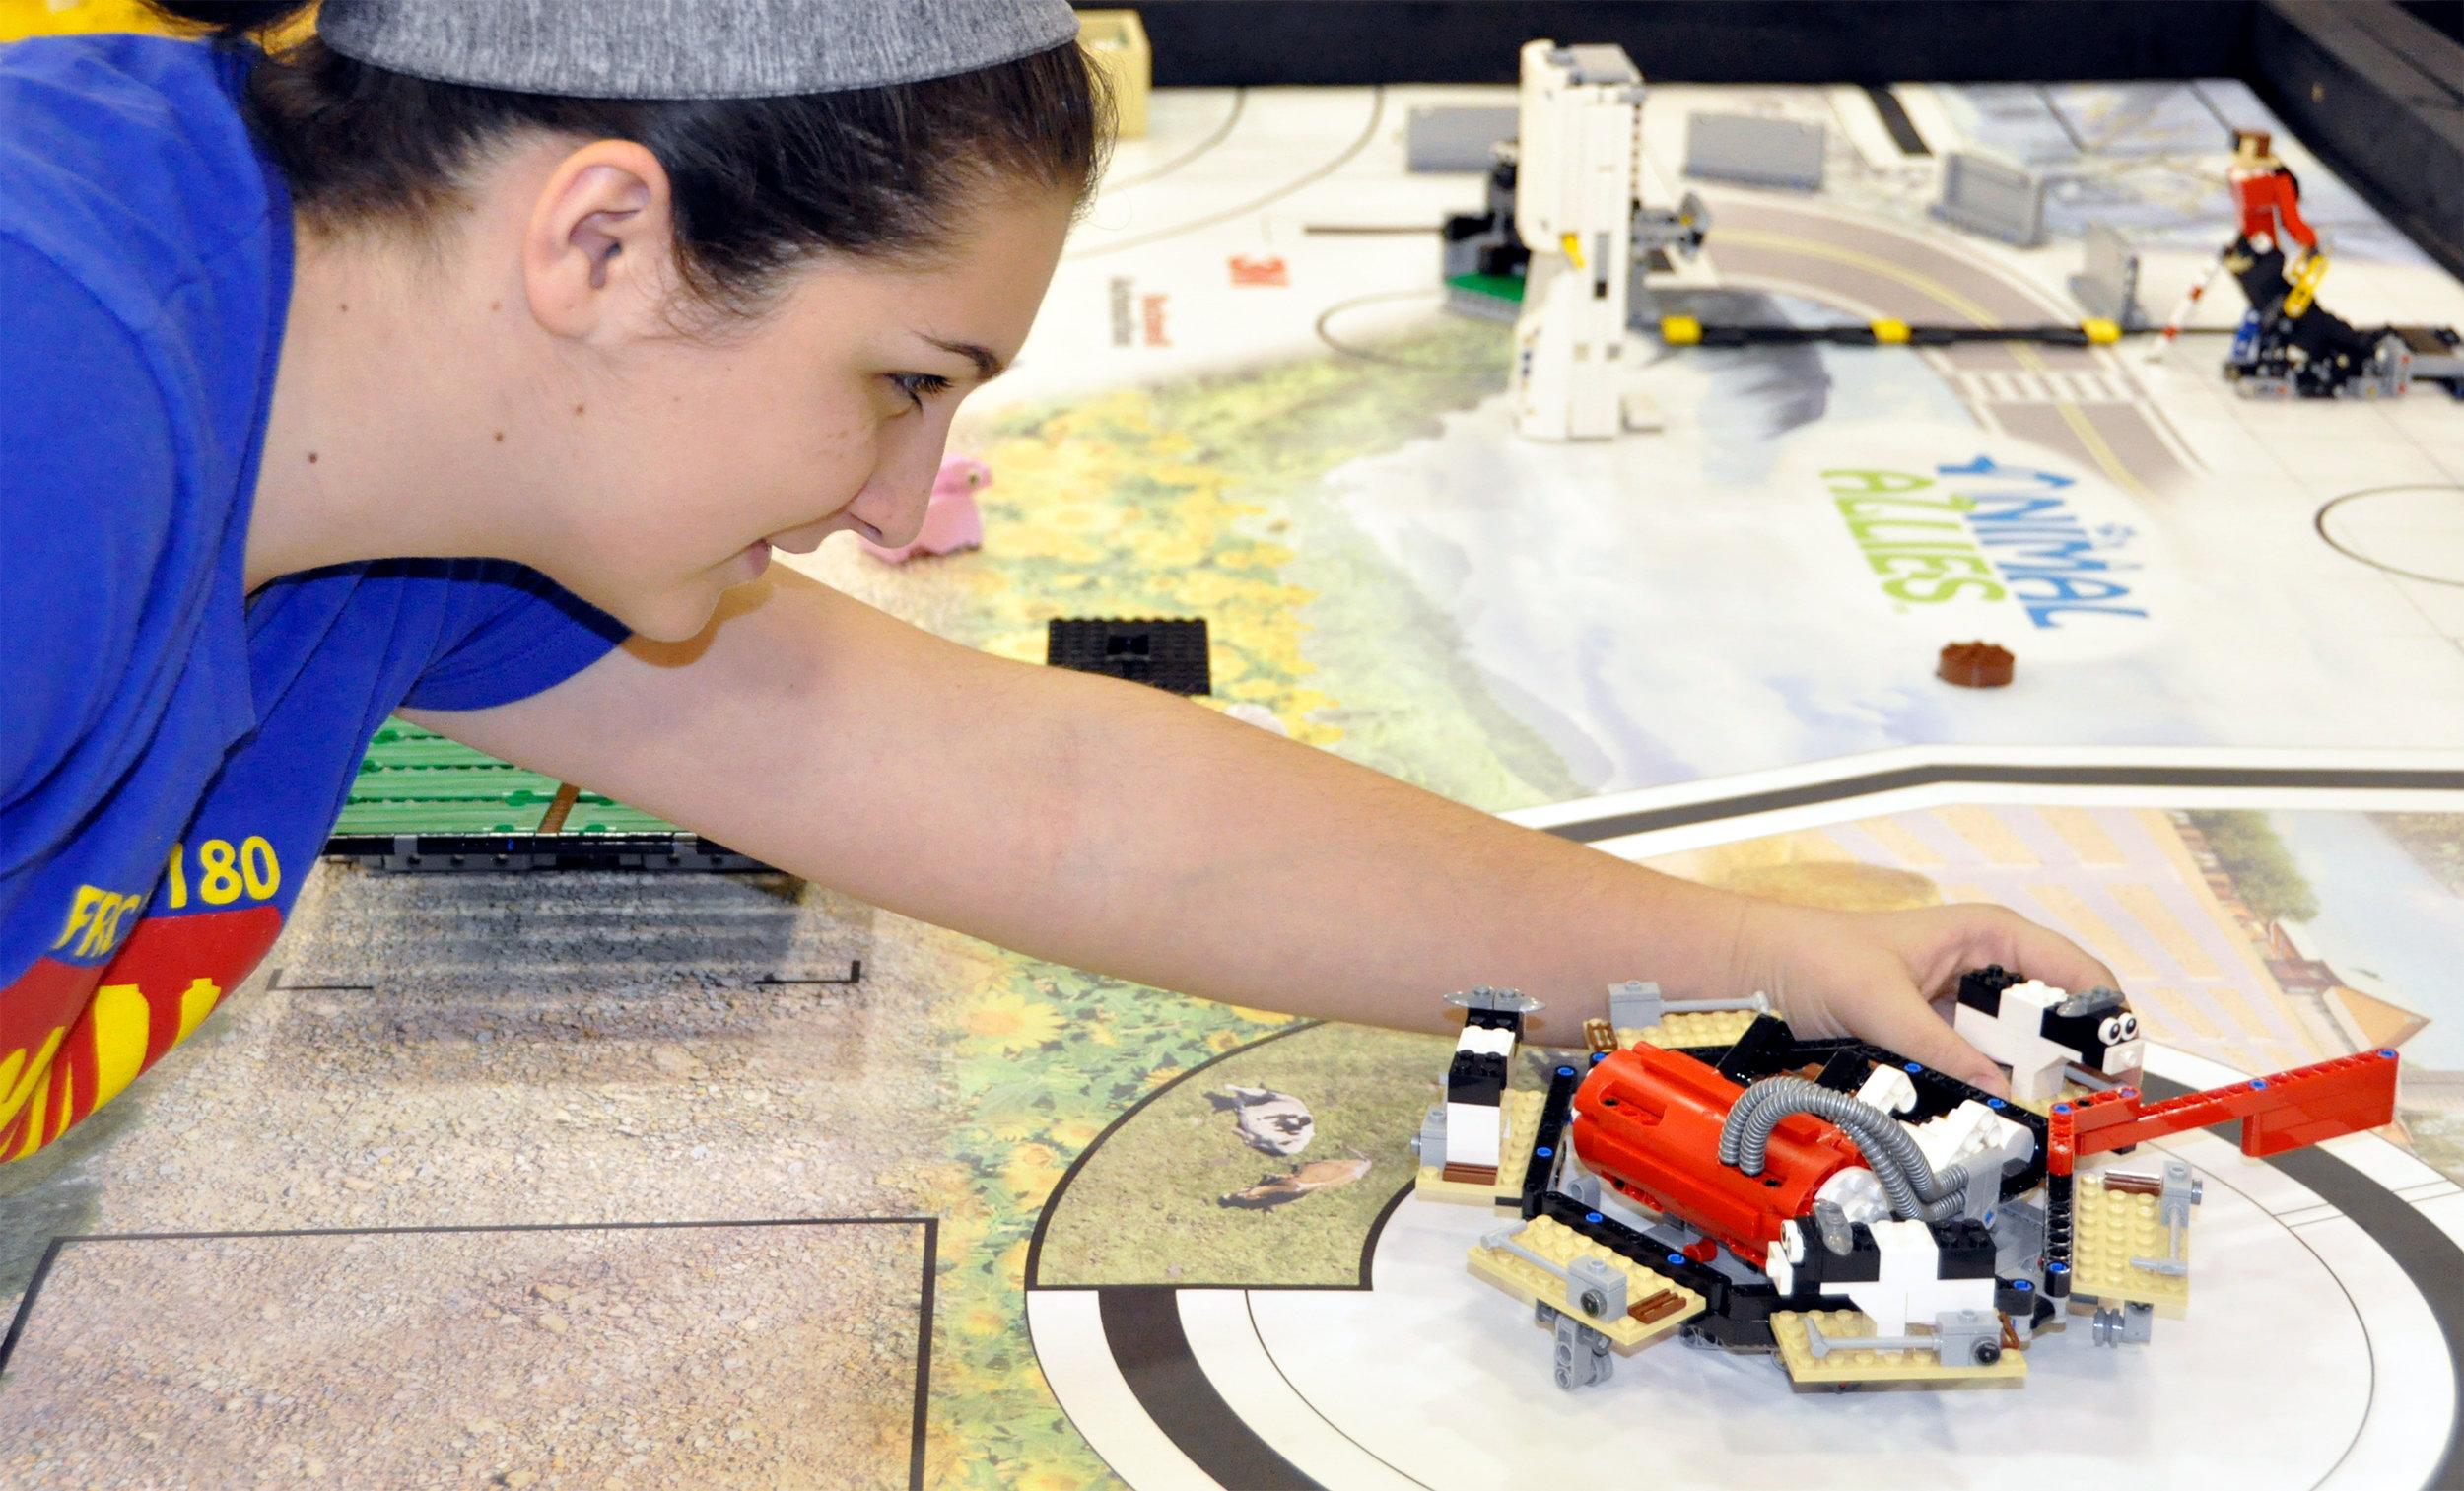 south-florida-robotics-inspiringyouth-001.jpg